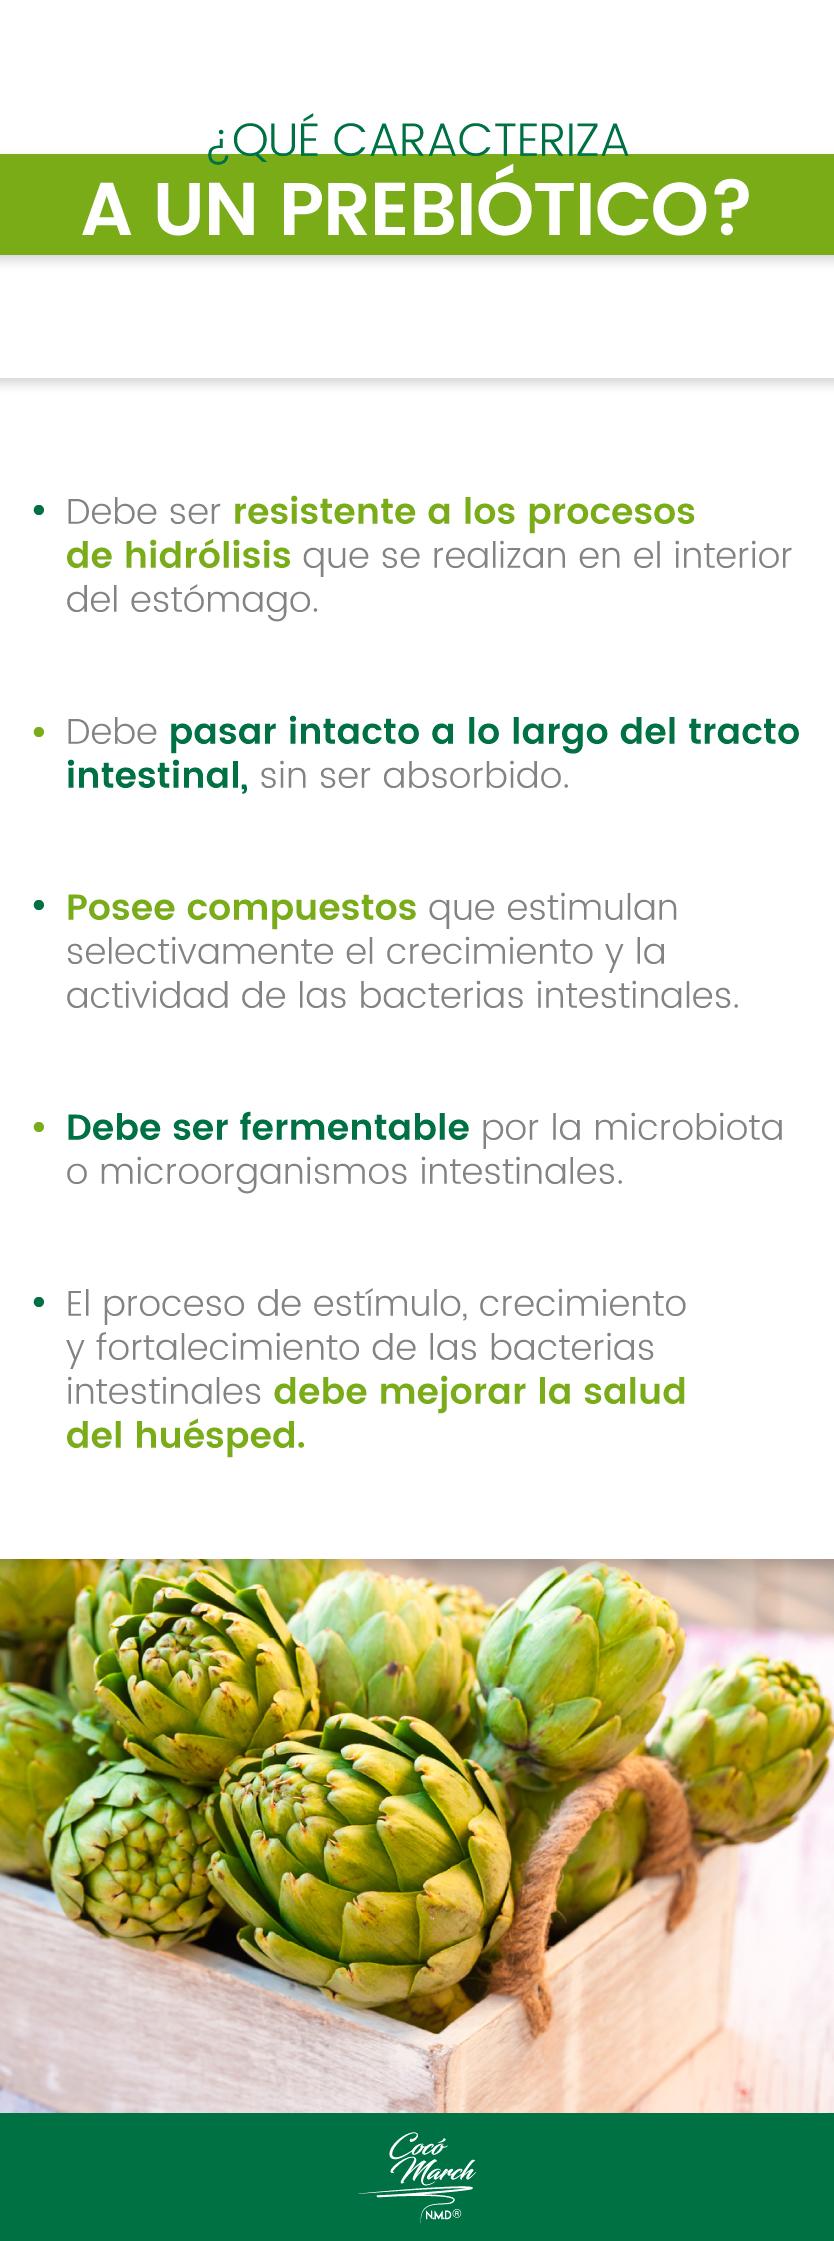 prebiotico-caracteristicas